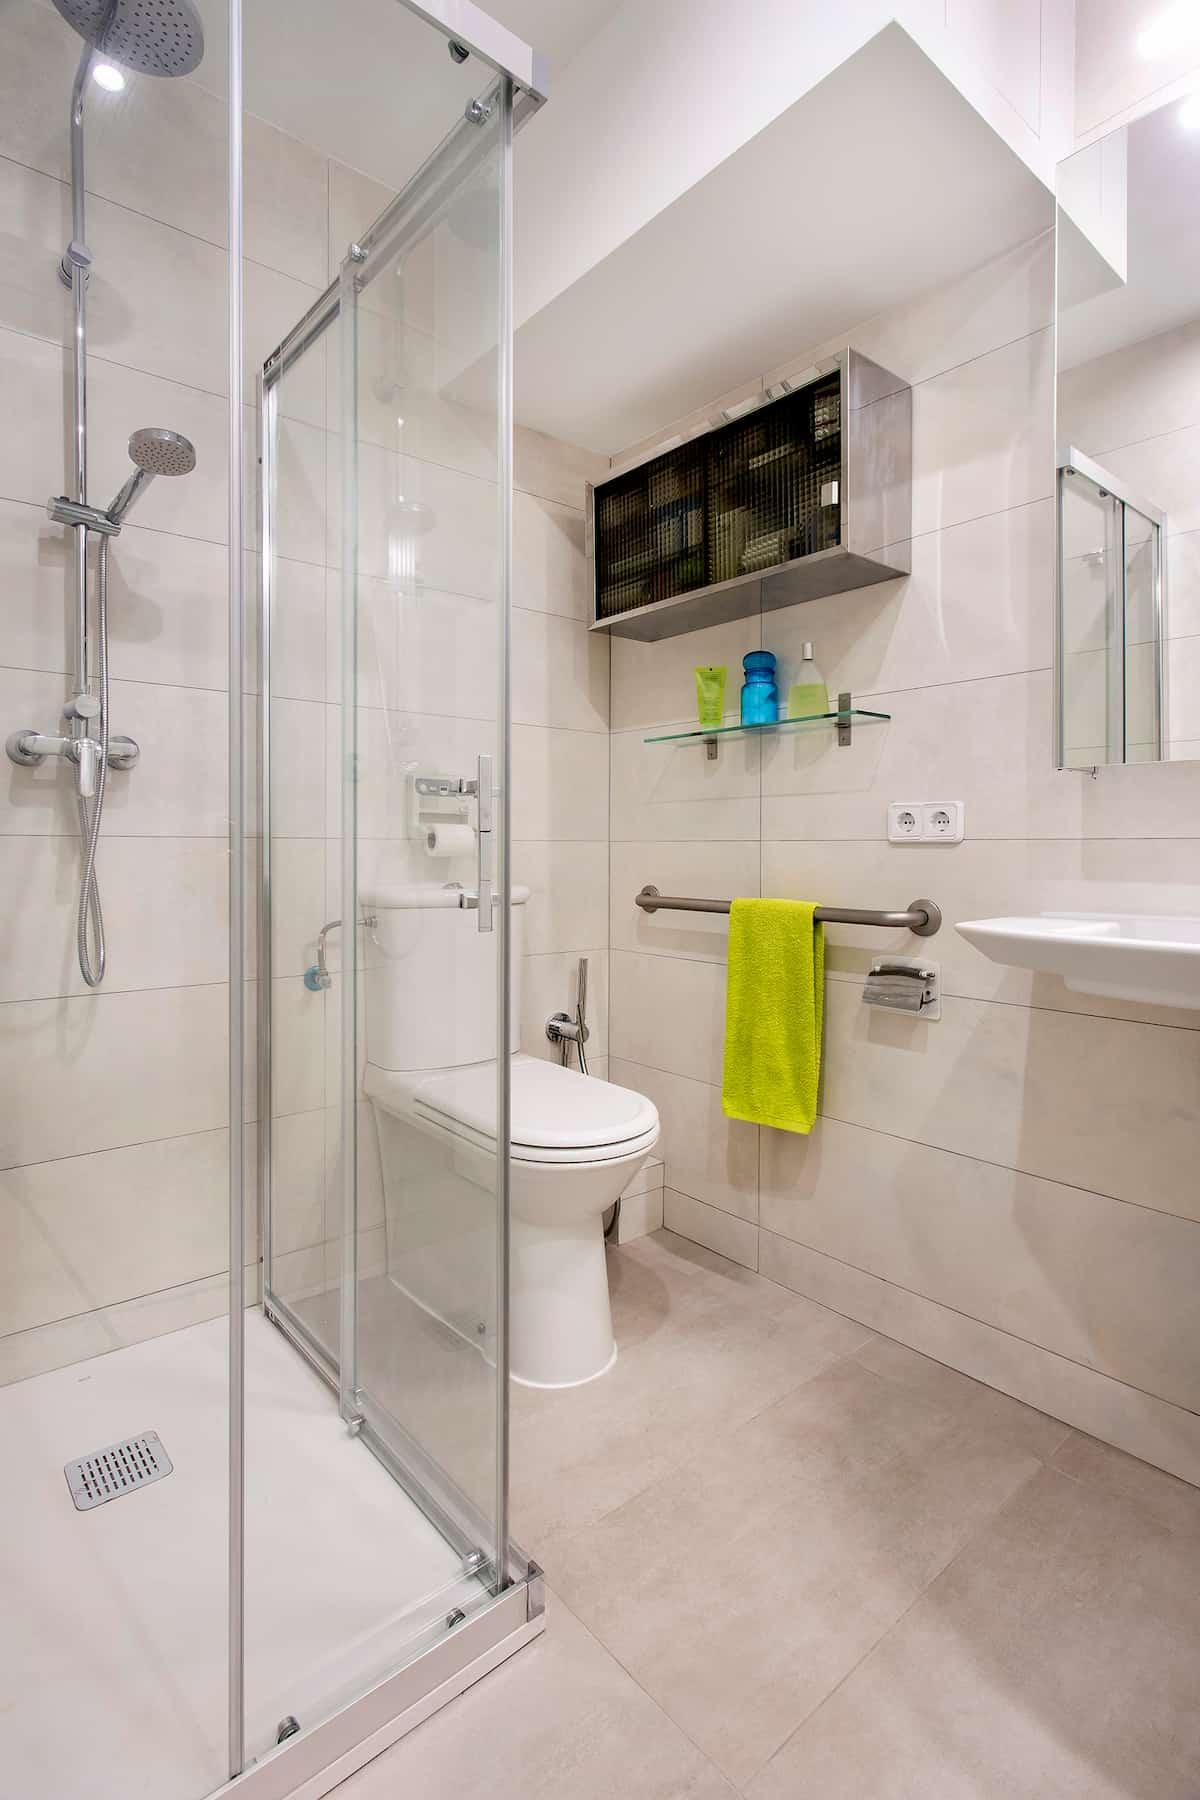 Baño pequeño con ducha y mampara